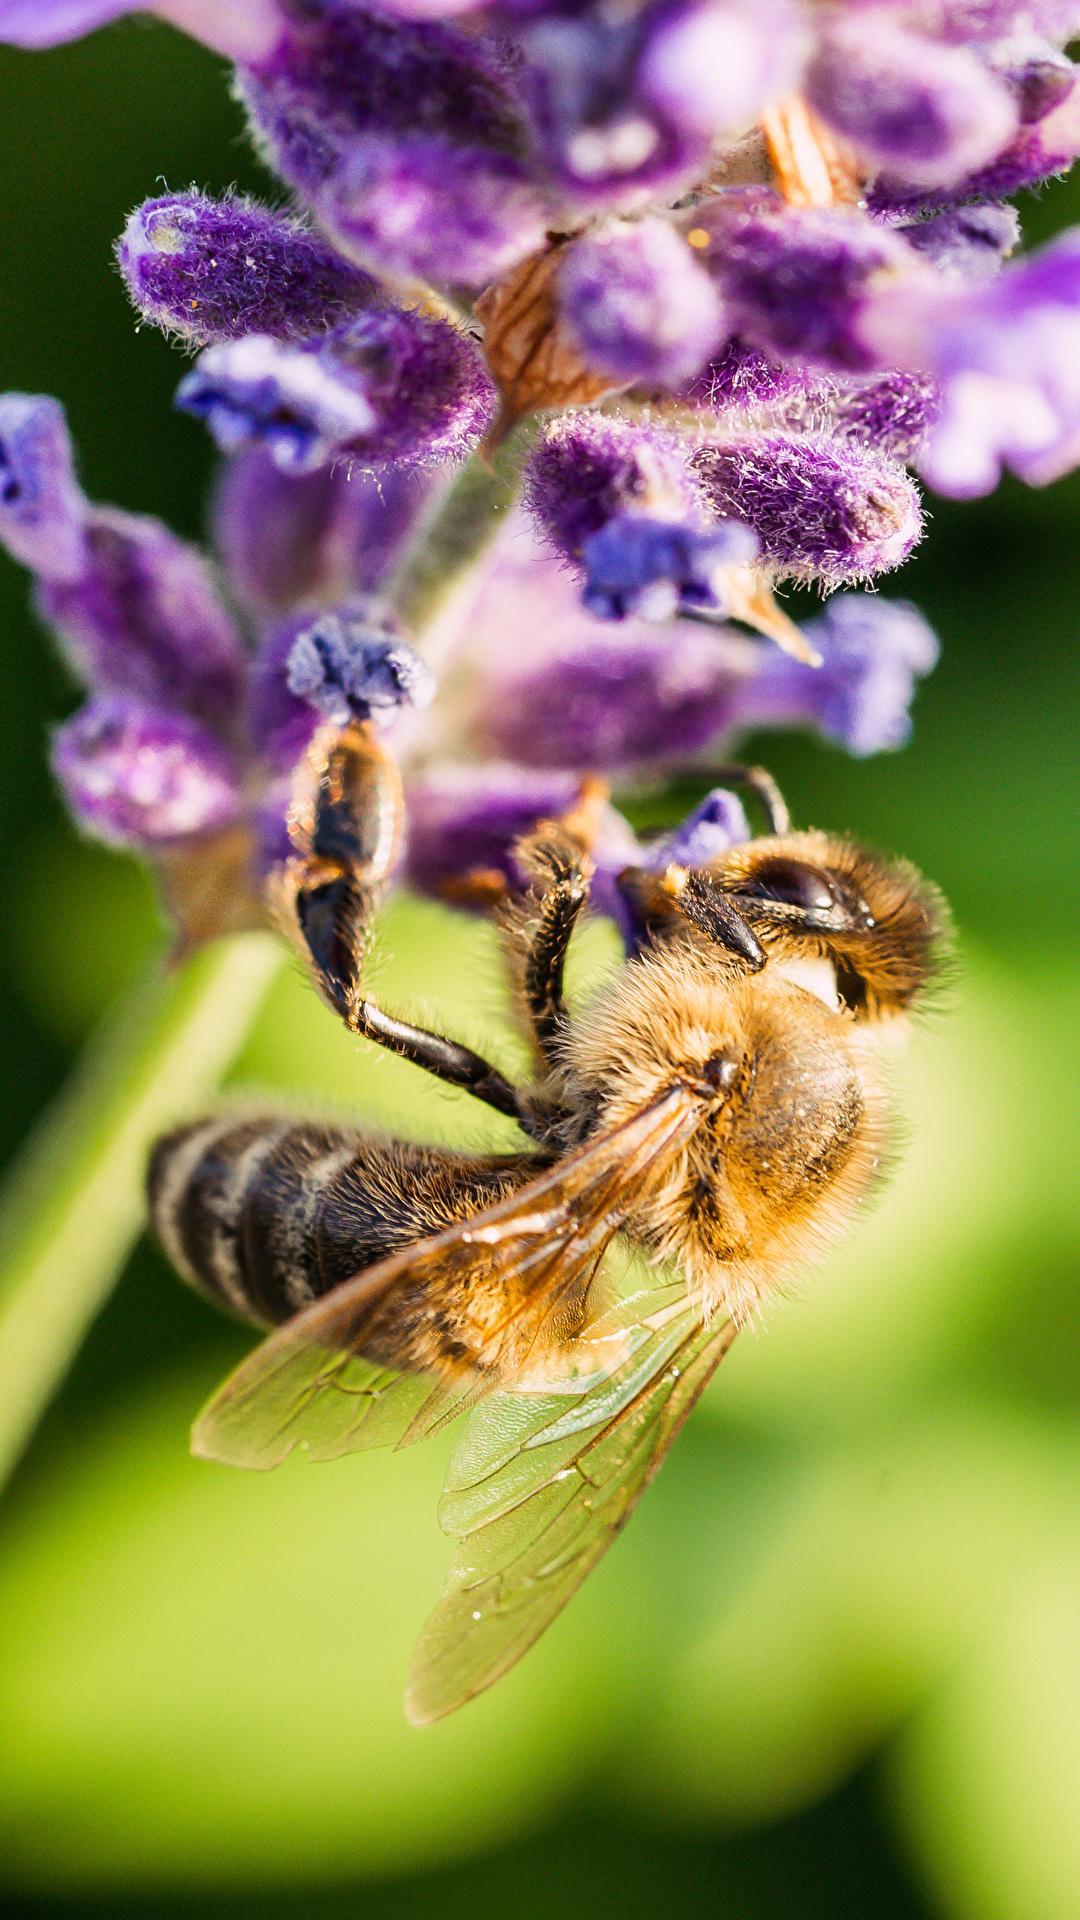 Bilder Bienen Insekten unscharfer Hintergrund Lavendel ein Tier Großansicht 1080x1920 für Handy Bokeh Tiere hautnah Nahaufnahme